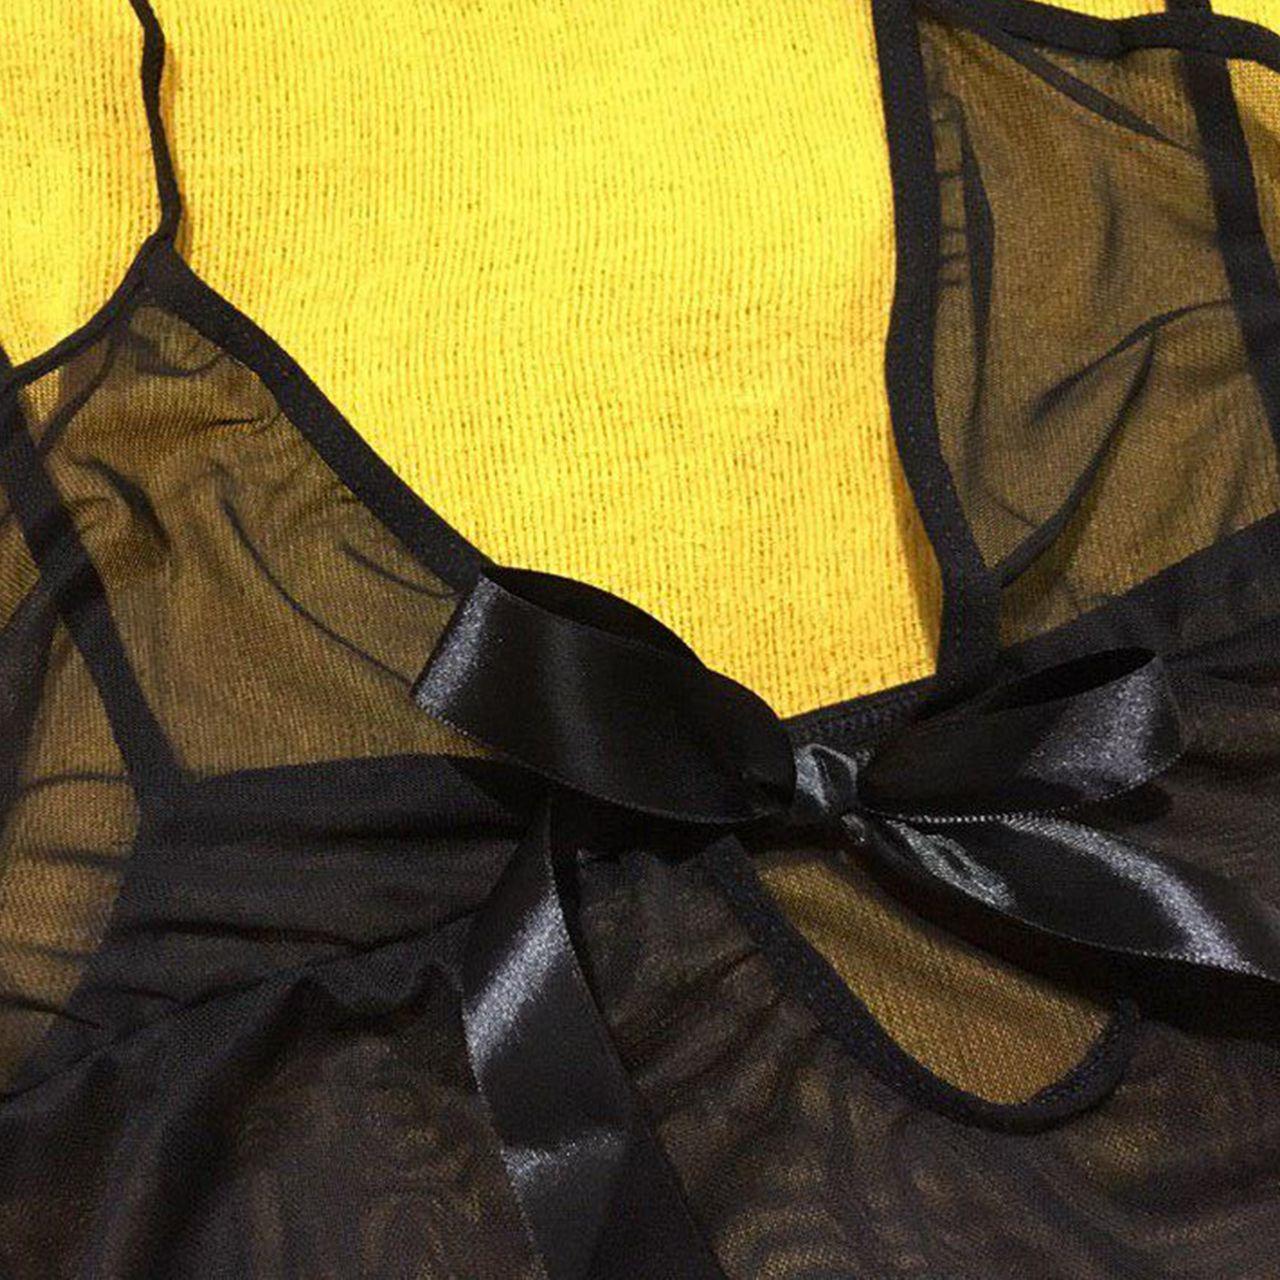 لباس خواب زنانه کد 1690 -  - 5